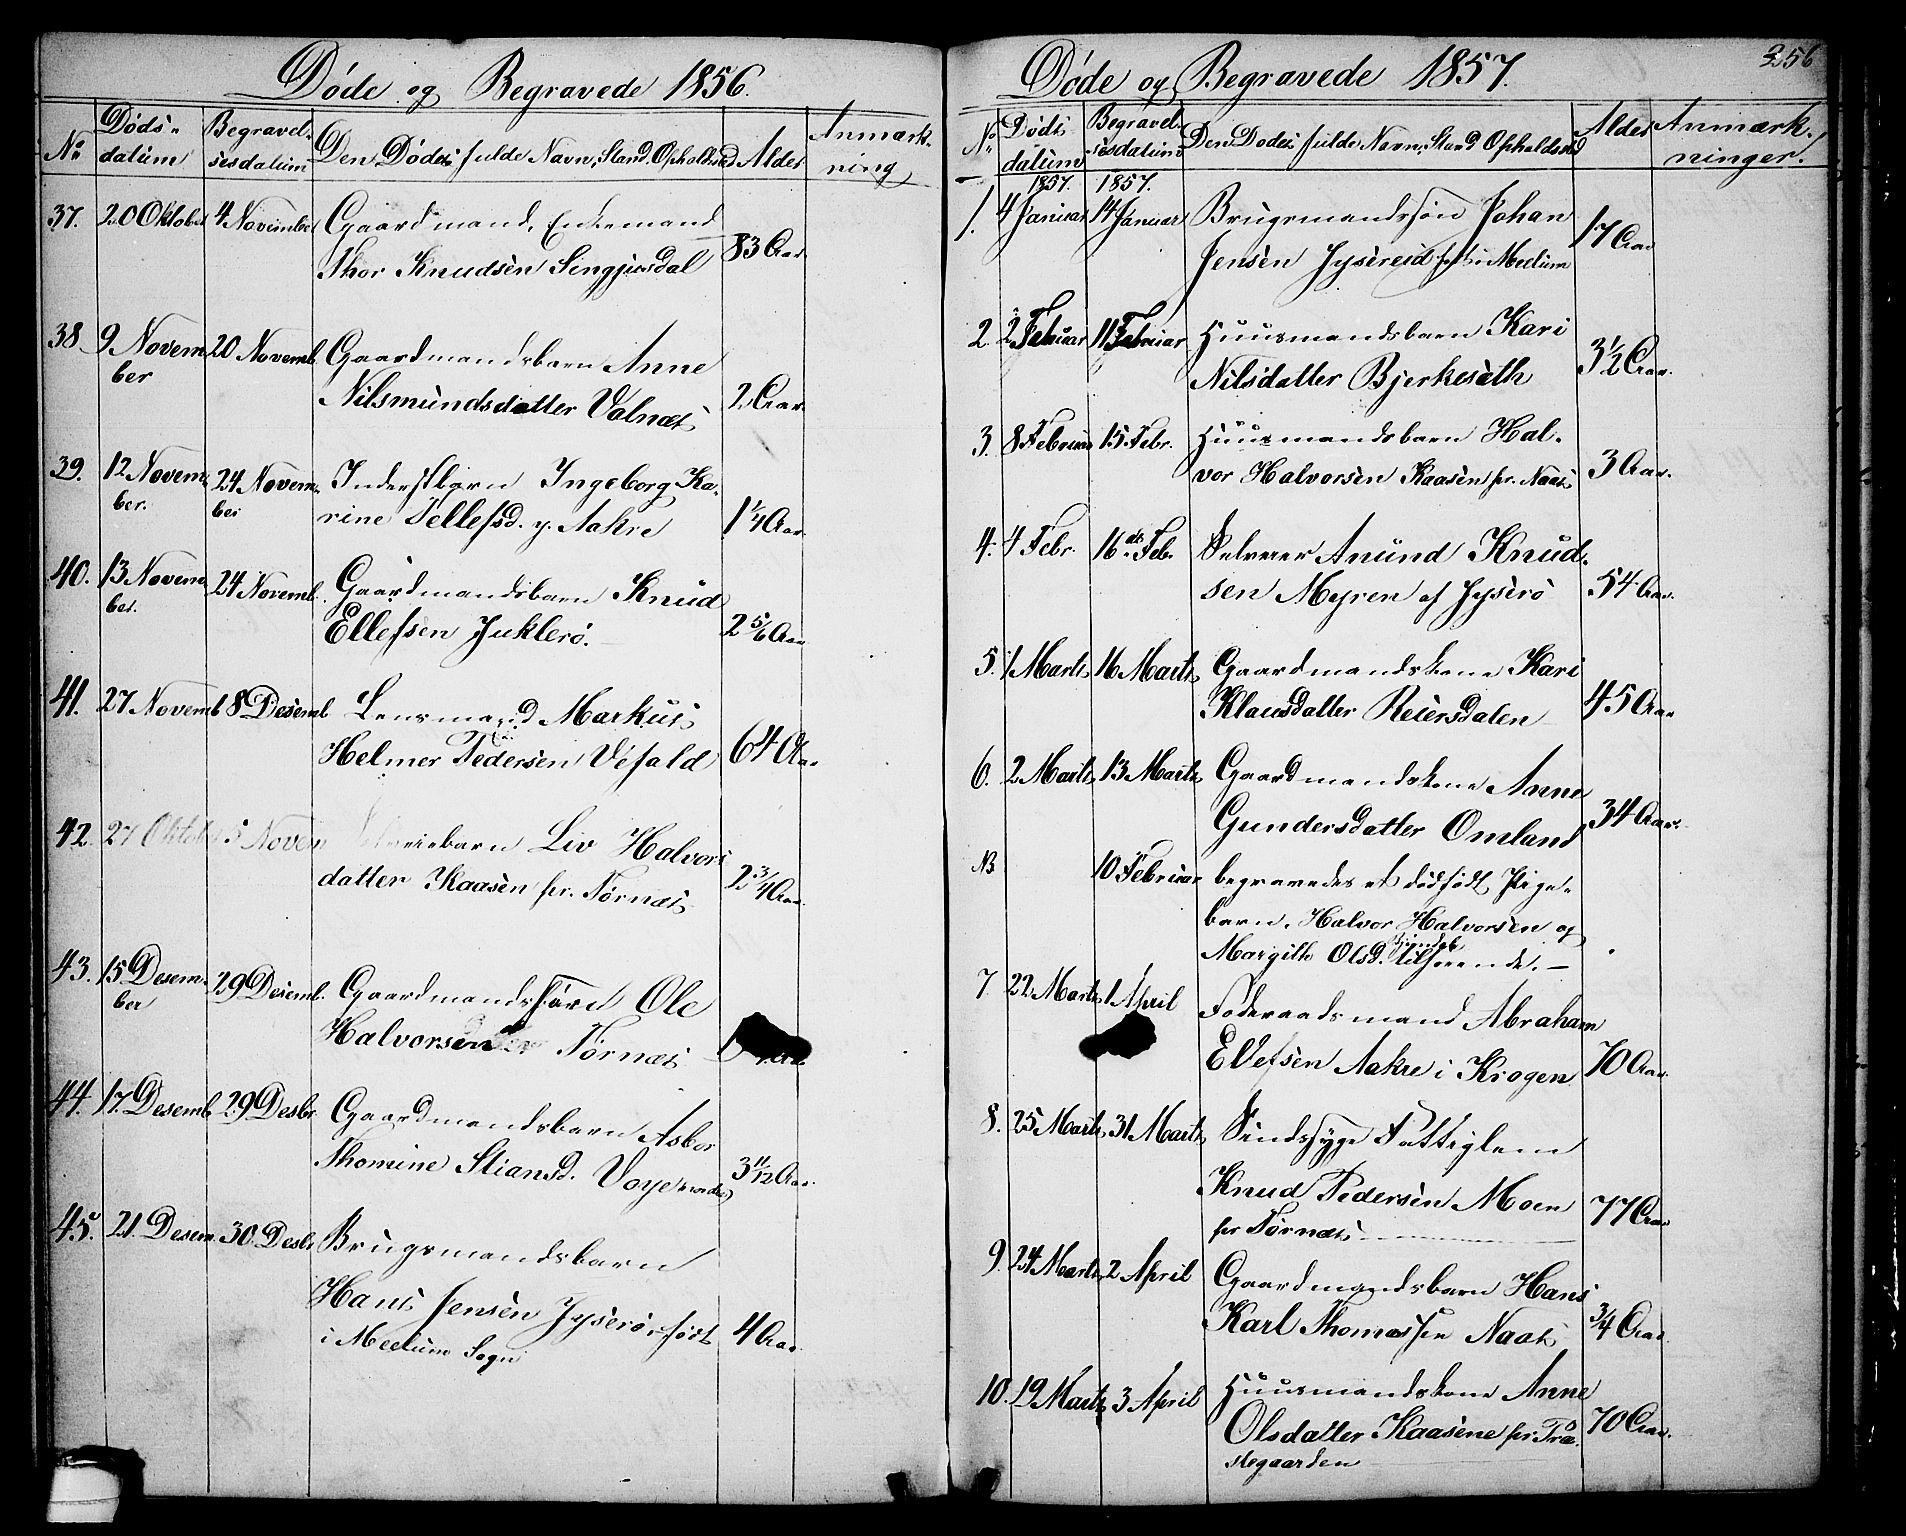 SAKO, Drangedal kirkebøker, G/Ga/L0002: Klokkerbok nr. I 2, 1856-1887, s. 256